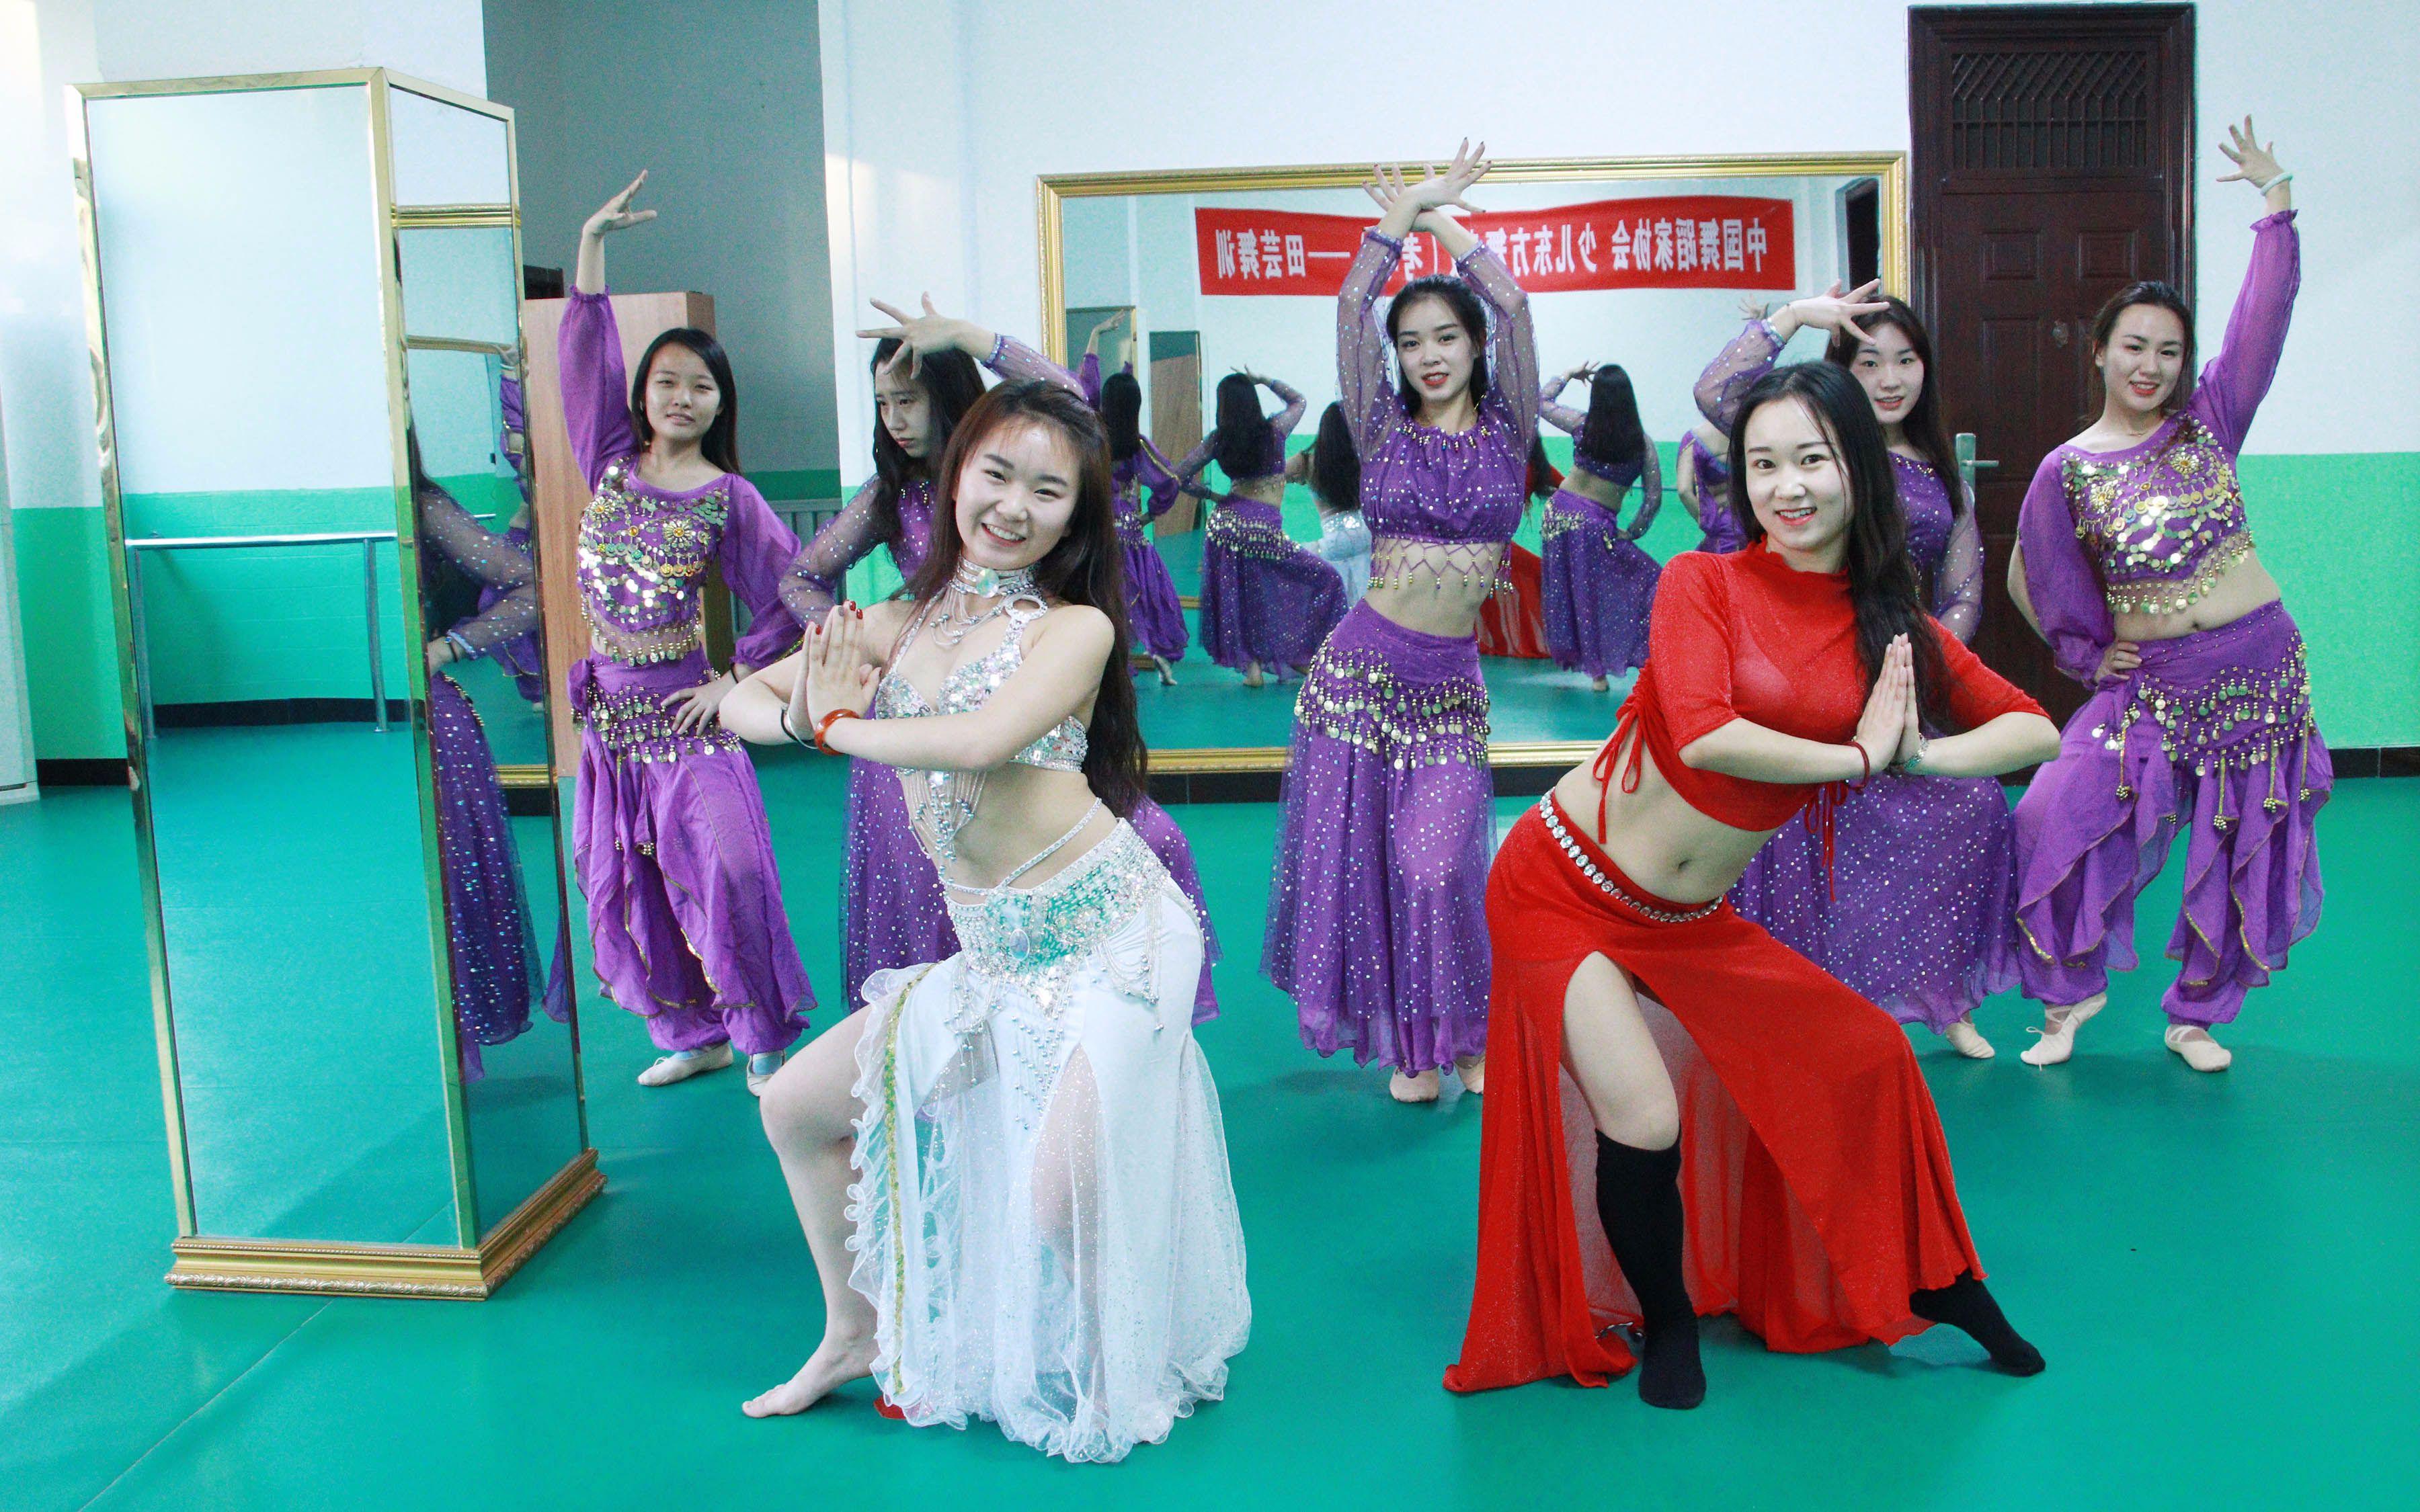 芸之舞:心随舞动,舞动快乐,美女团肚皮舞原创舞蹈